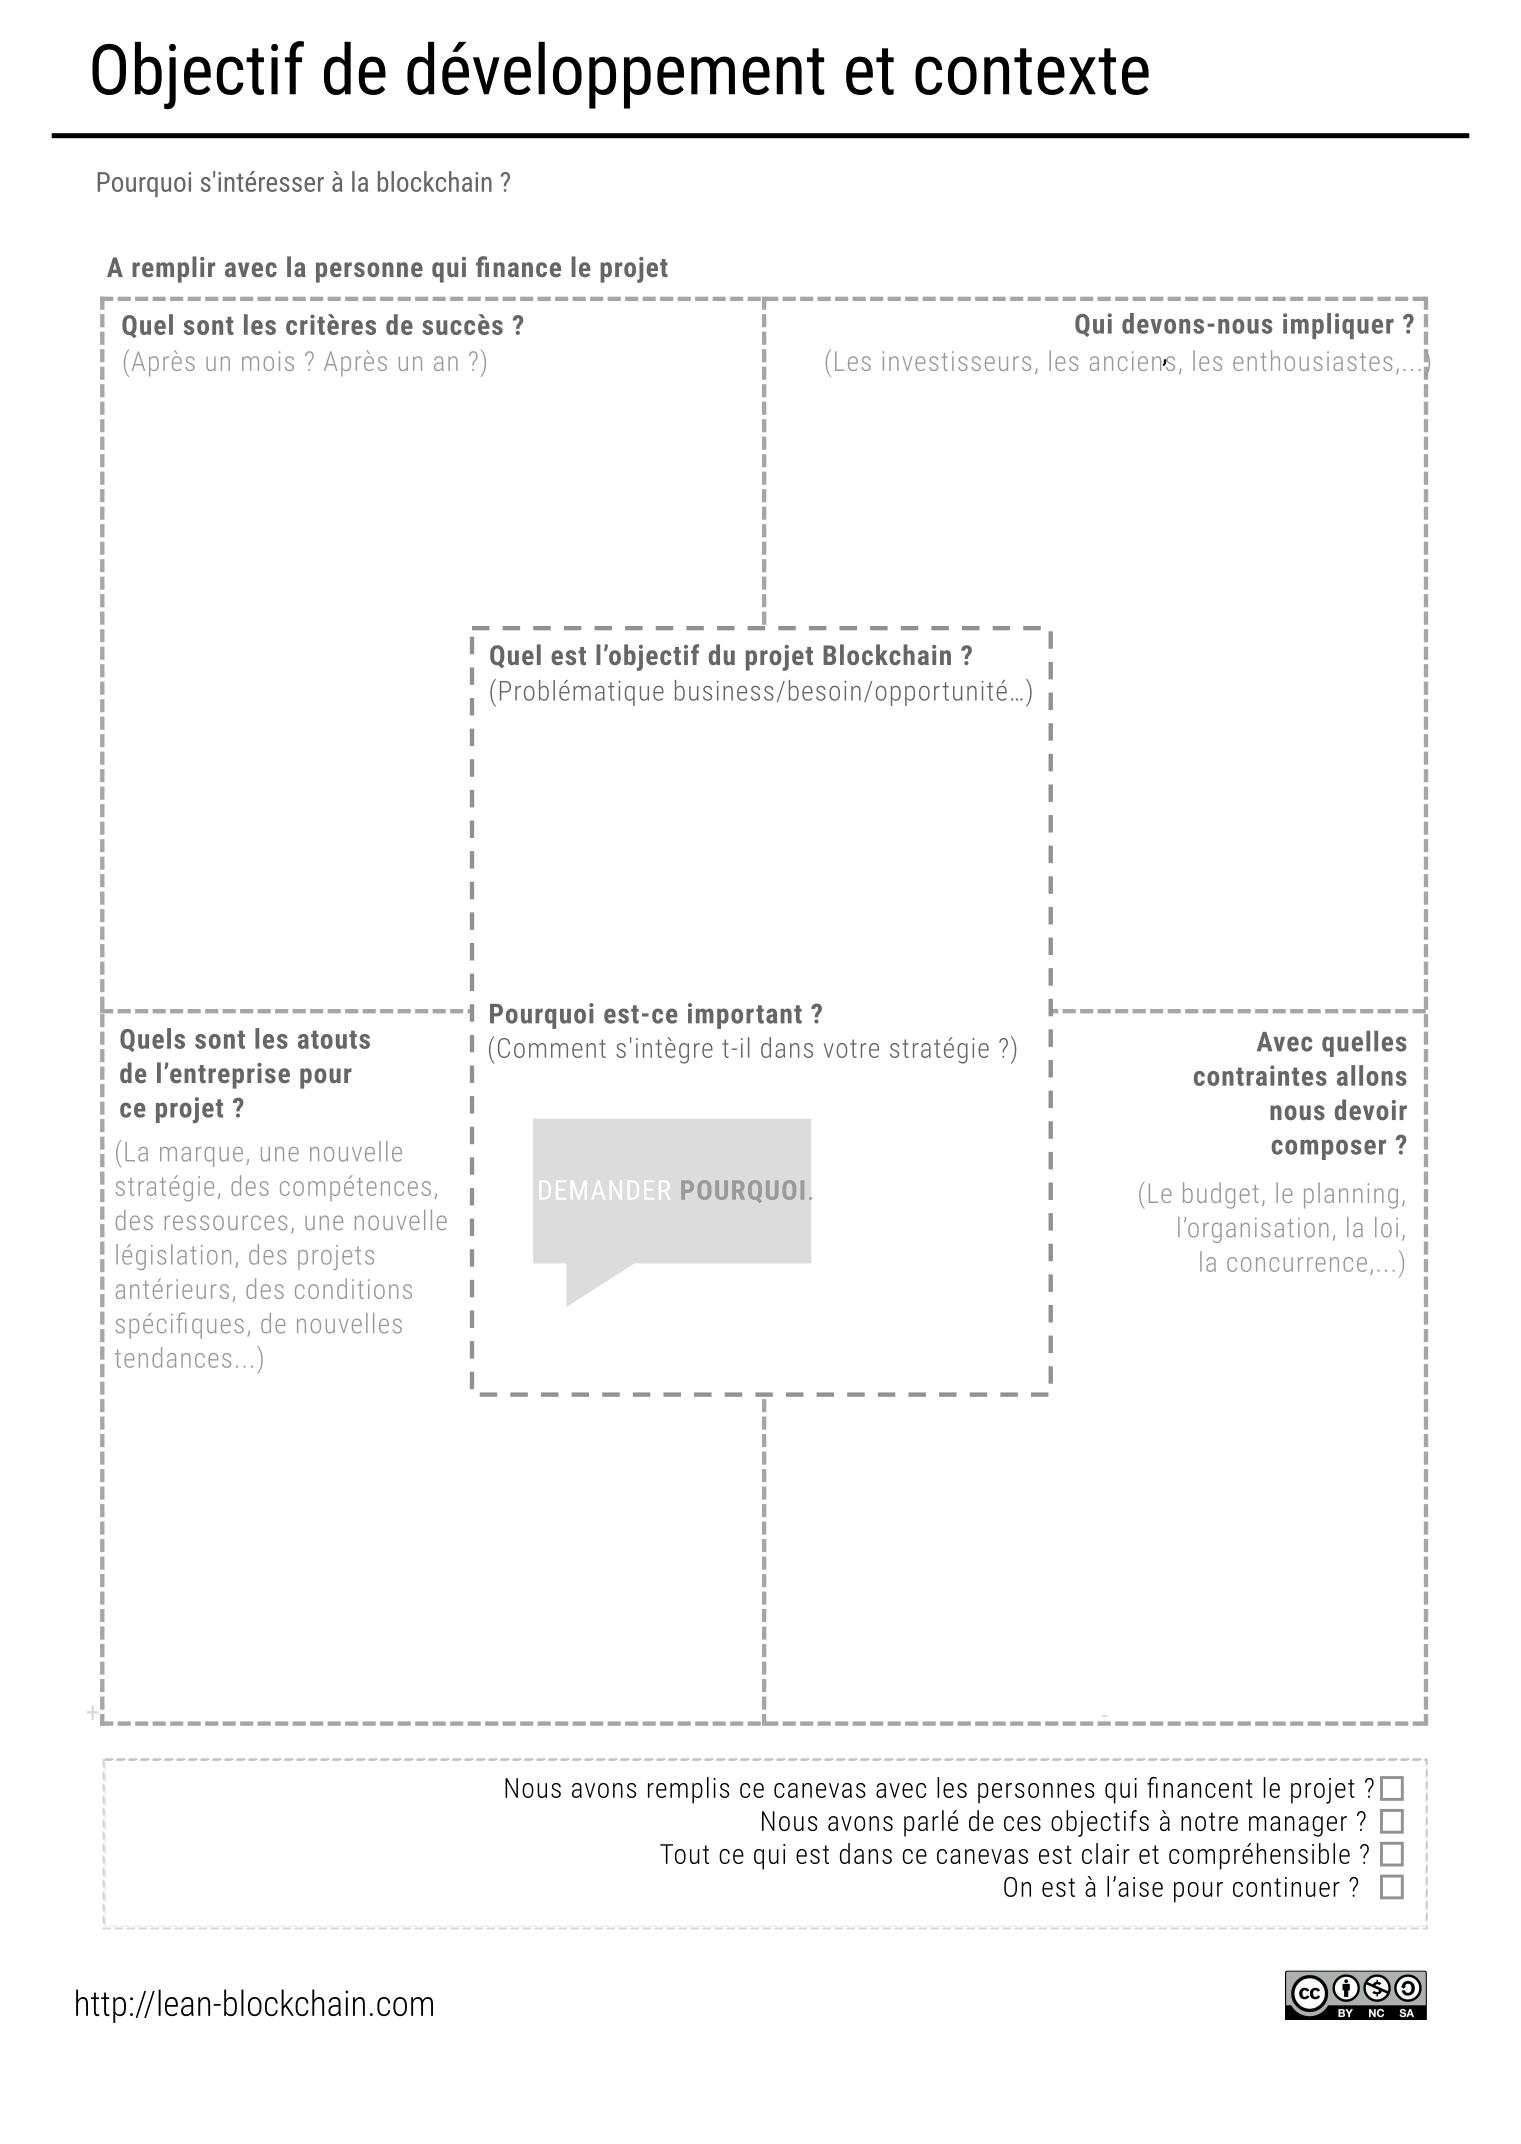 Objectif de développement et contexte